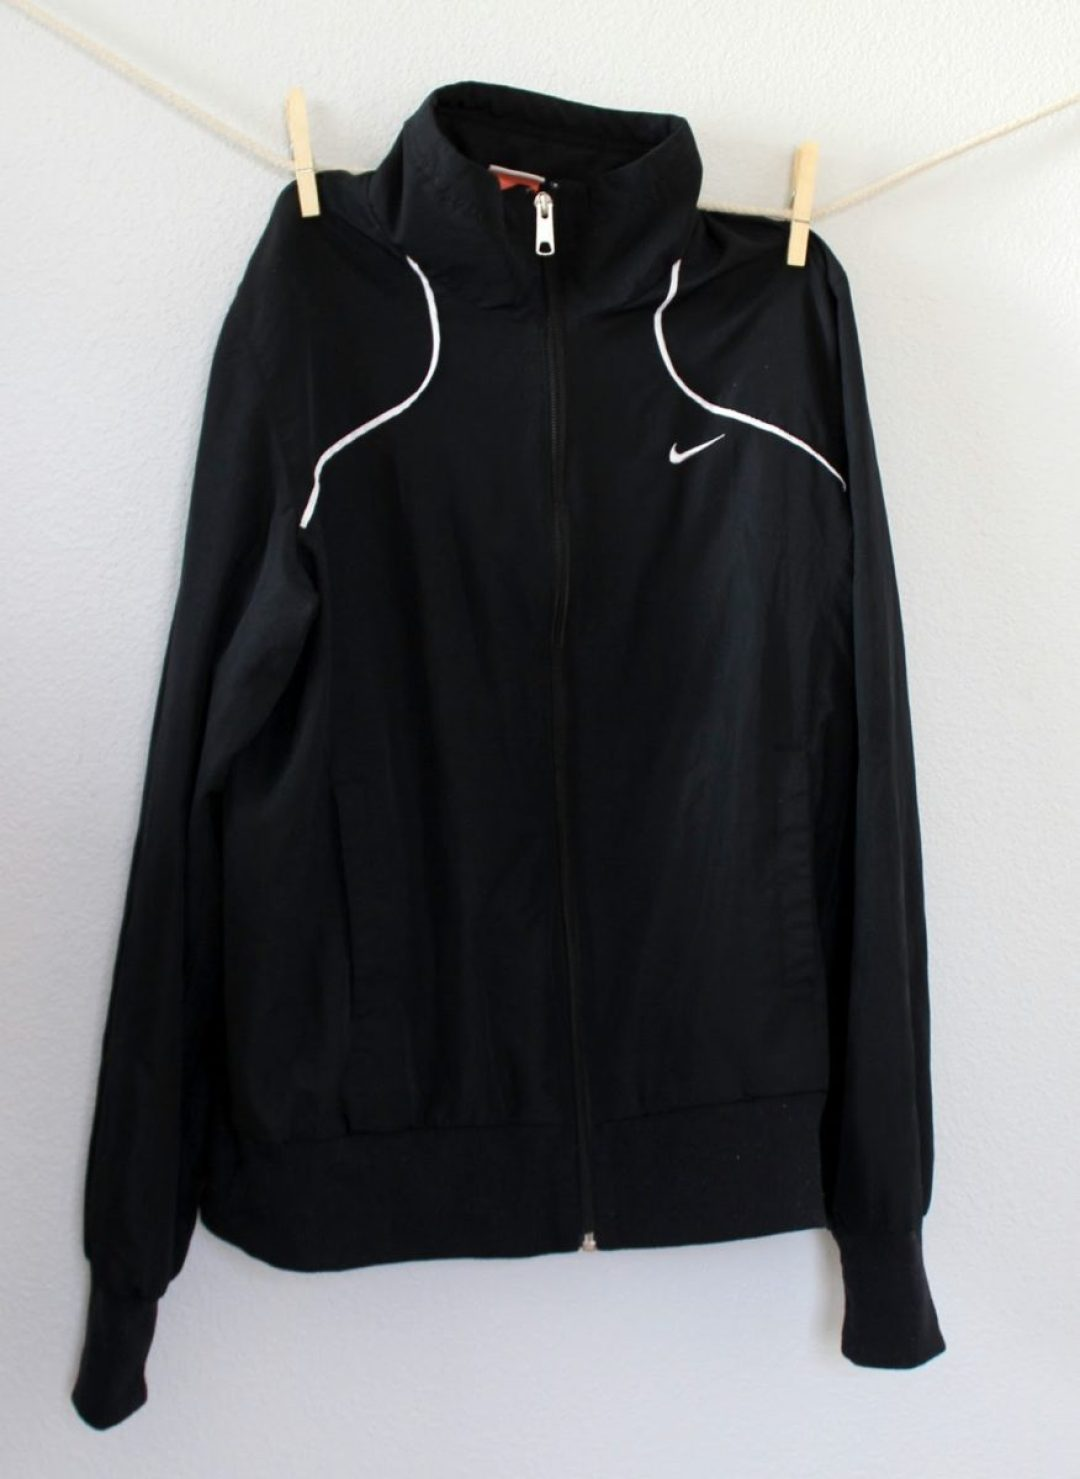 thrifted-nike-jacket